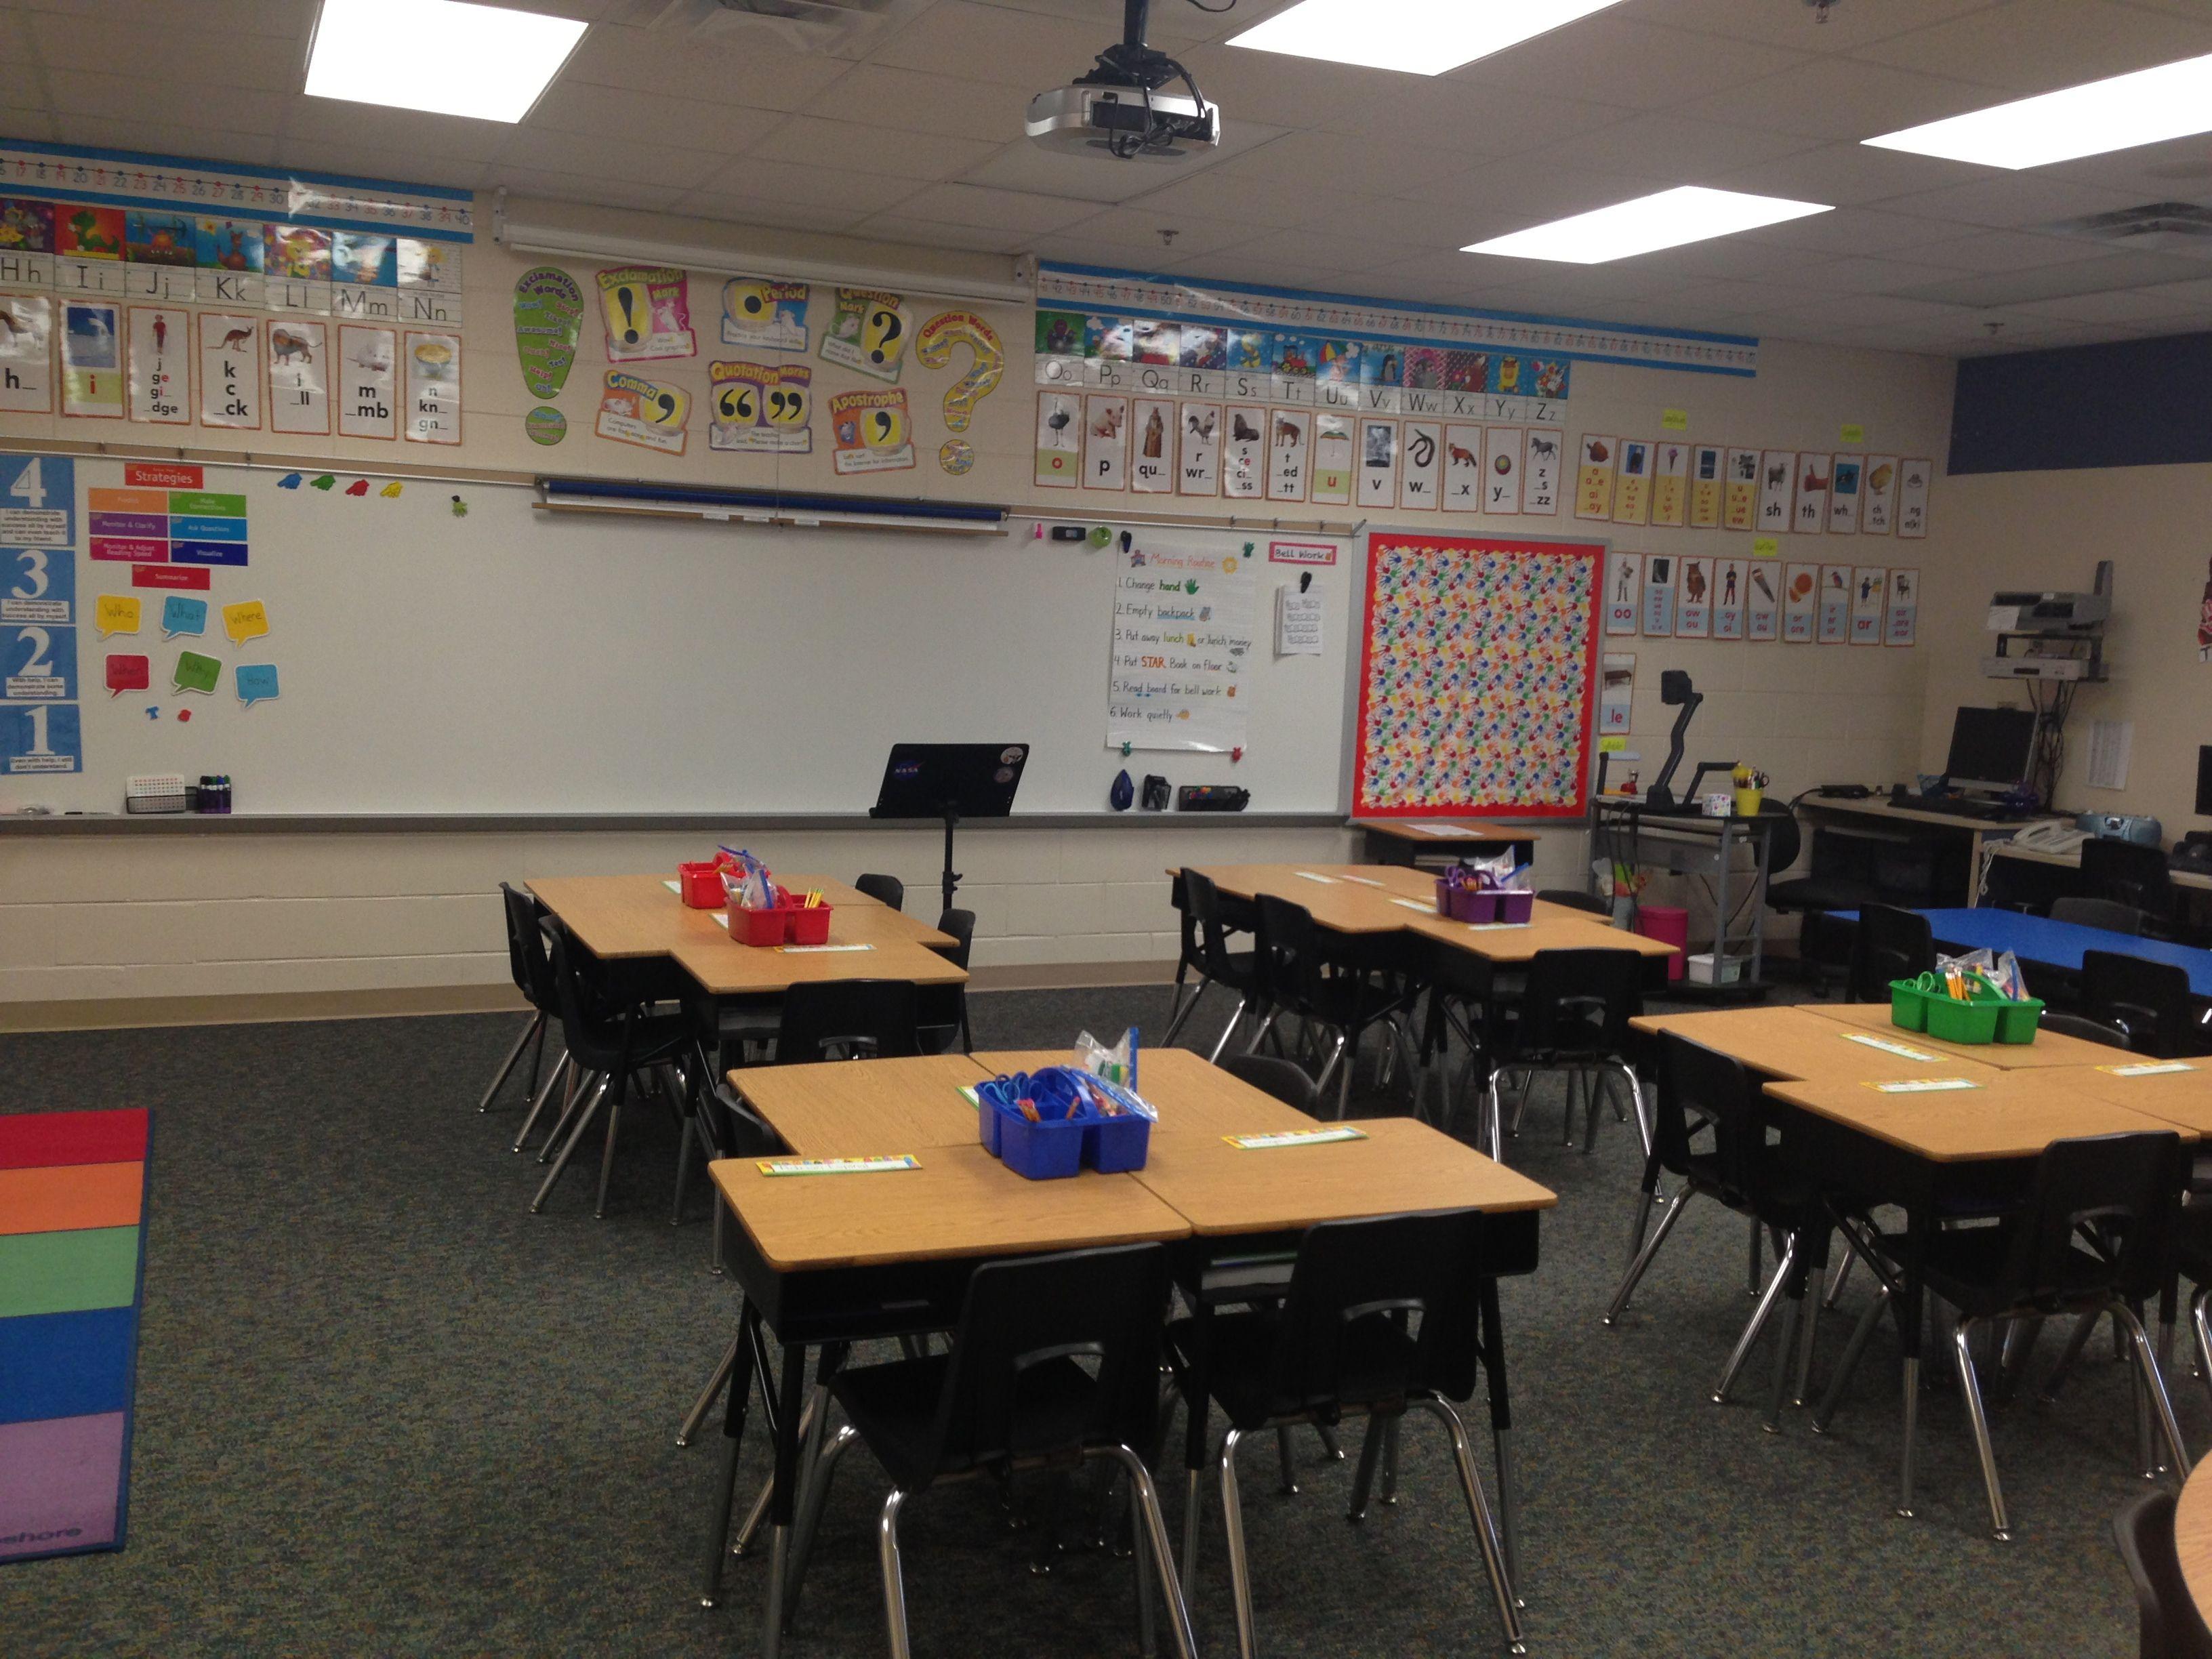 Classroom Workstation Ideas : Desk arrangement classroom ideas pinterest